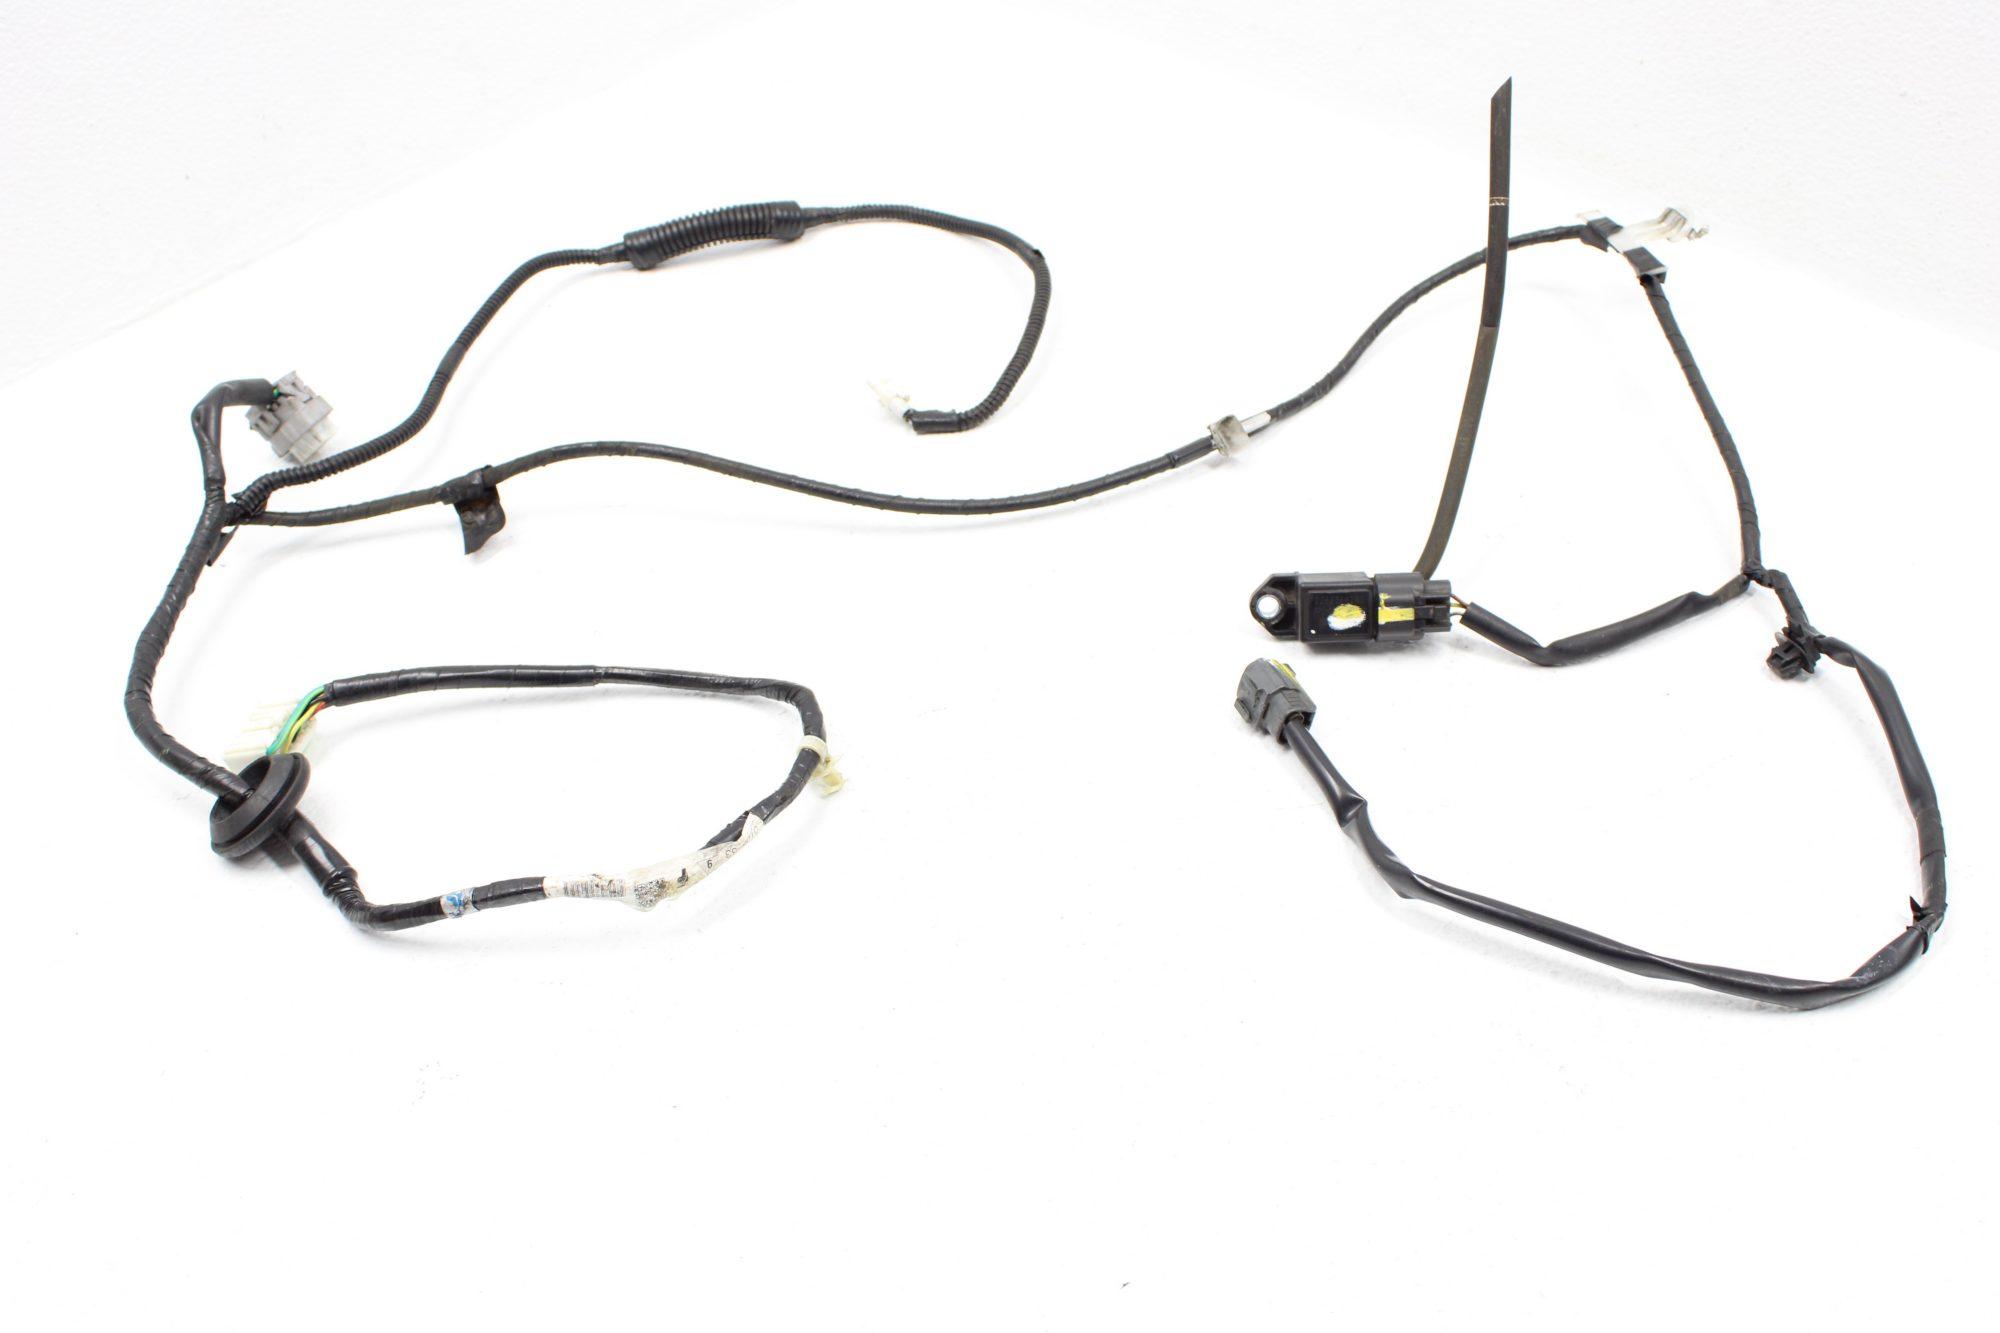 Subaru Wrx Sti Fuel Tank Wiring Harness Oem